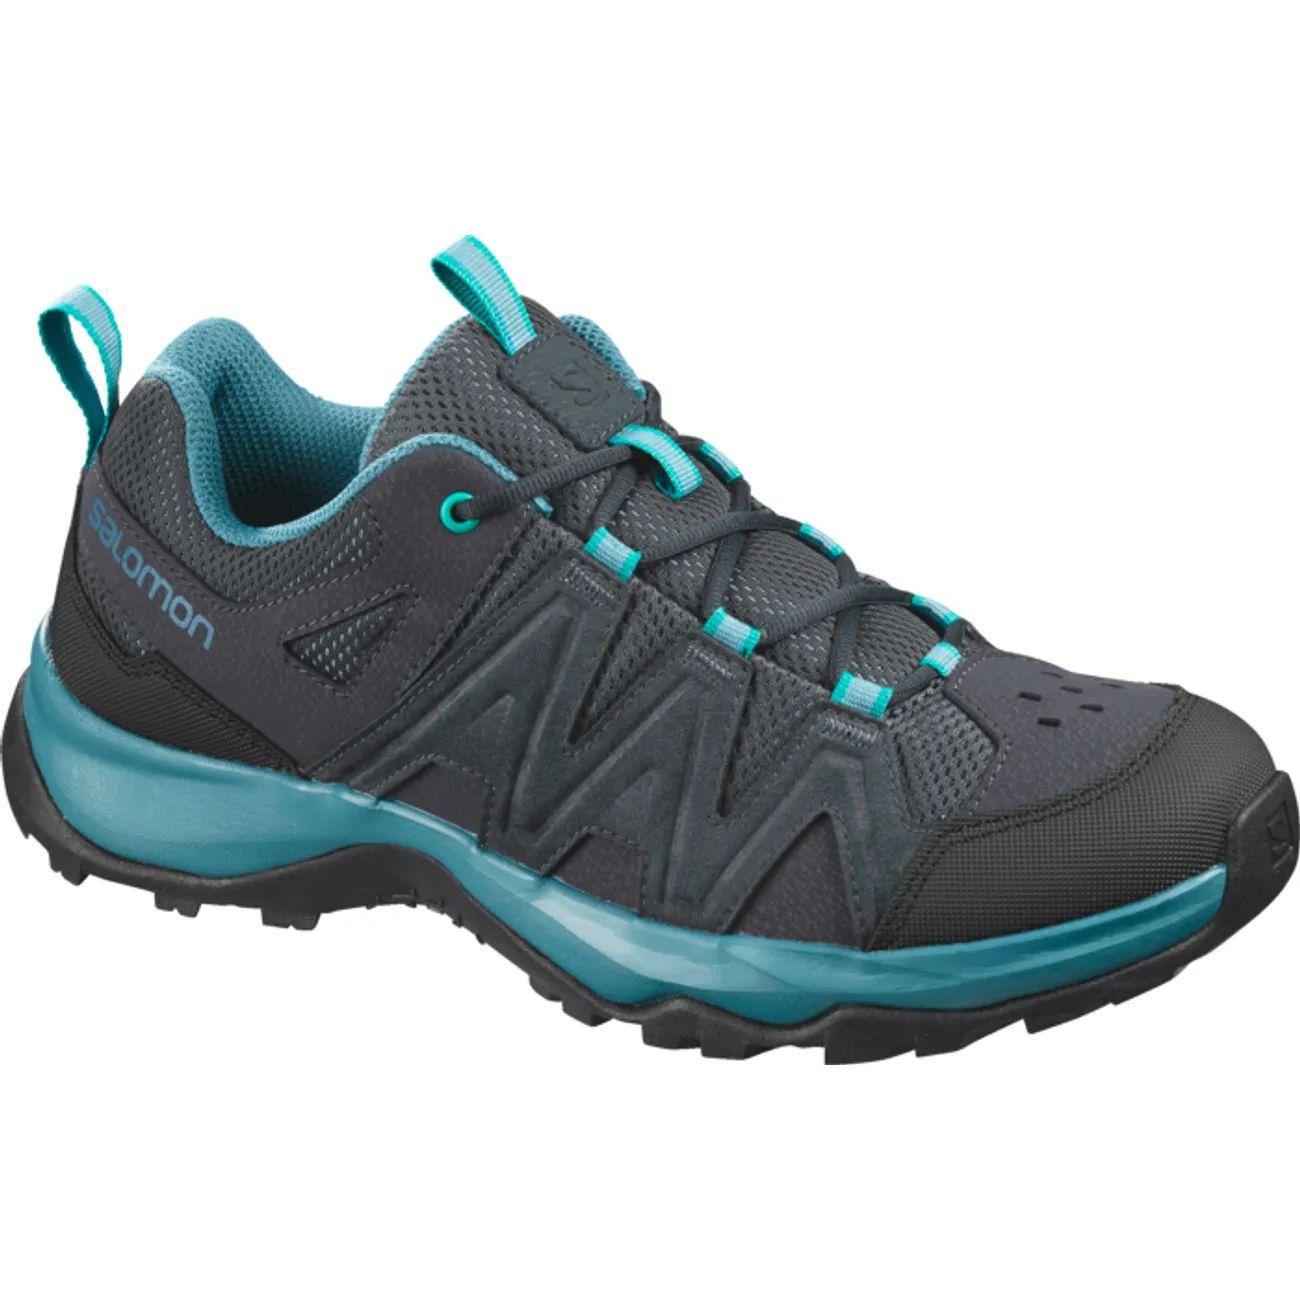 Chaussure randonnée pour femme Salomon Millstream 2 - Du 36 au 41 1/3